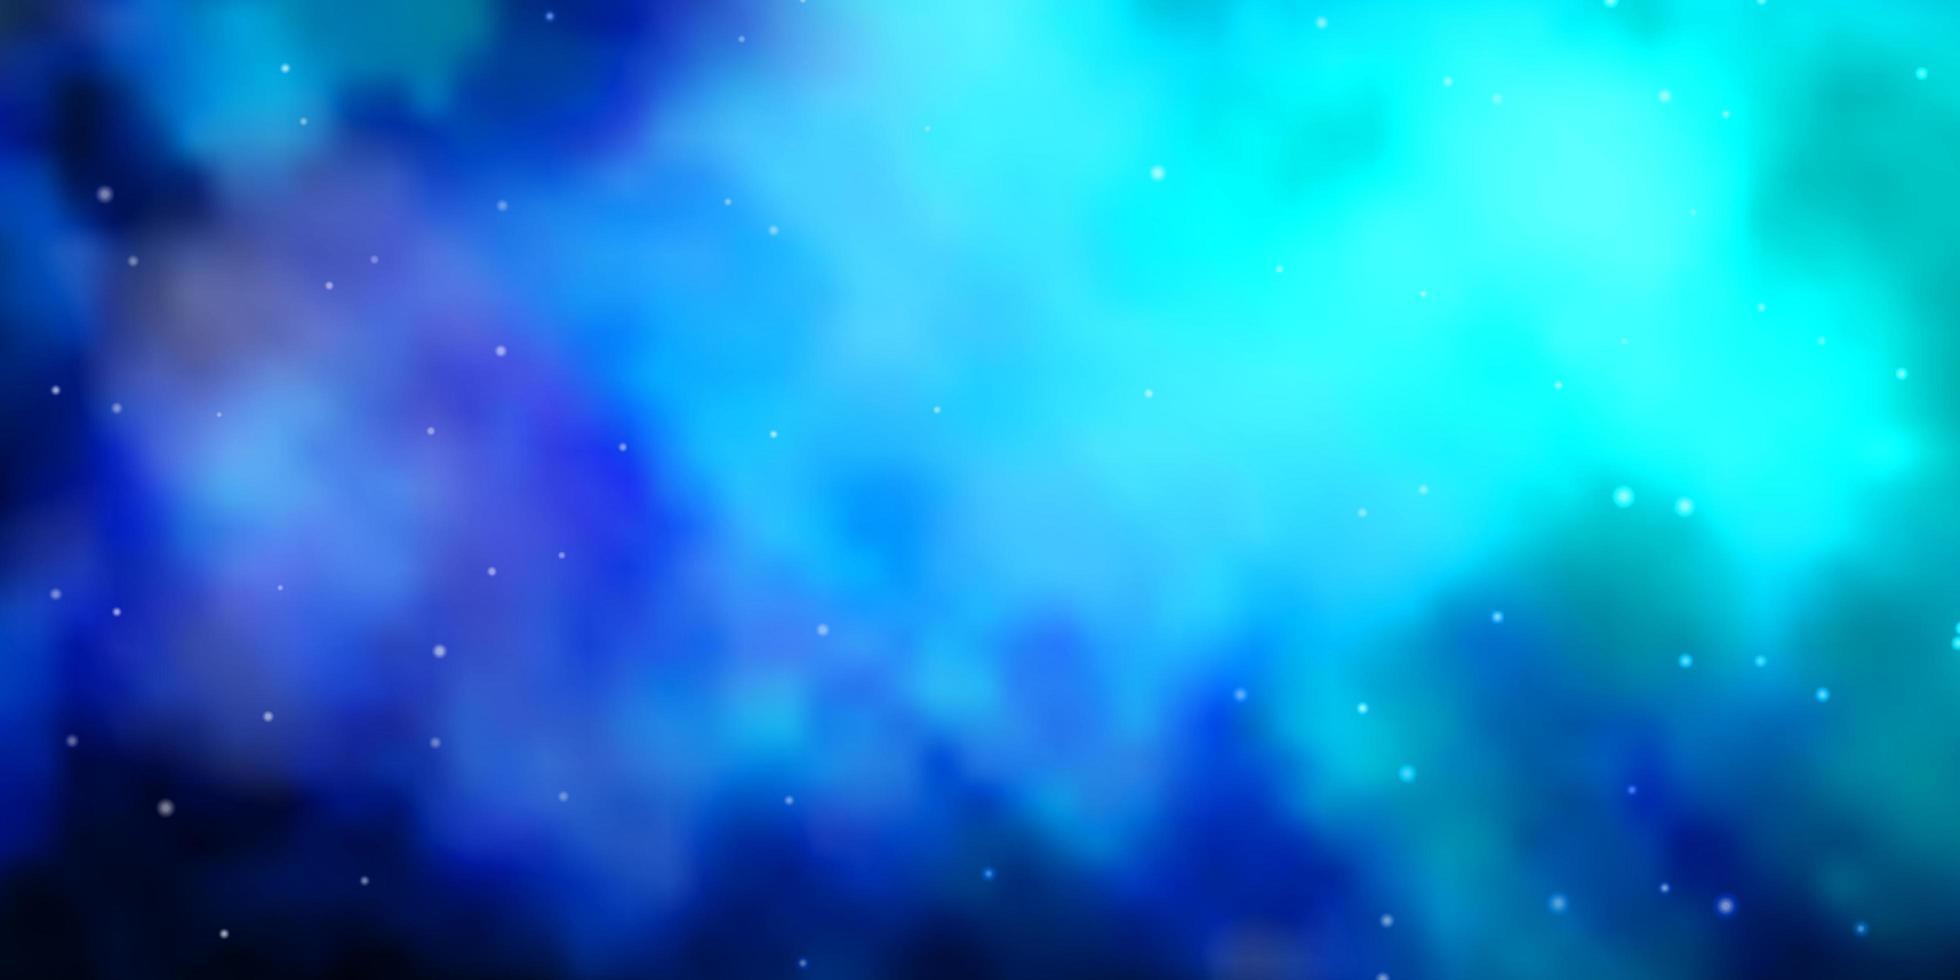 donkerblauw vectorpatroon met abstracte sterren. vector